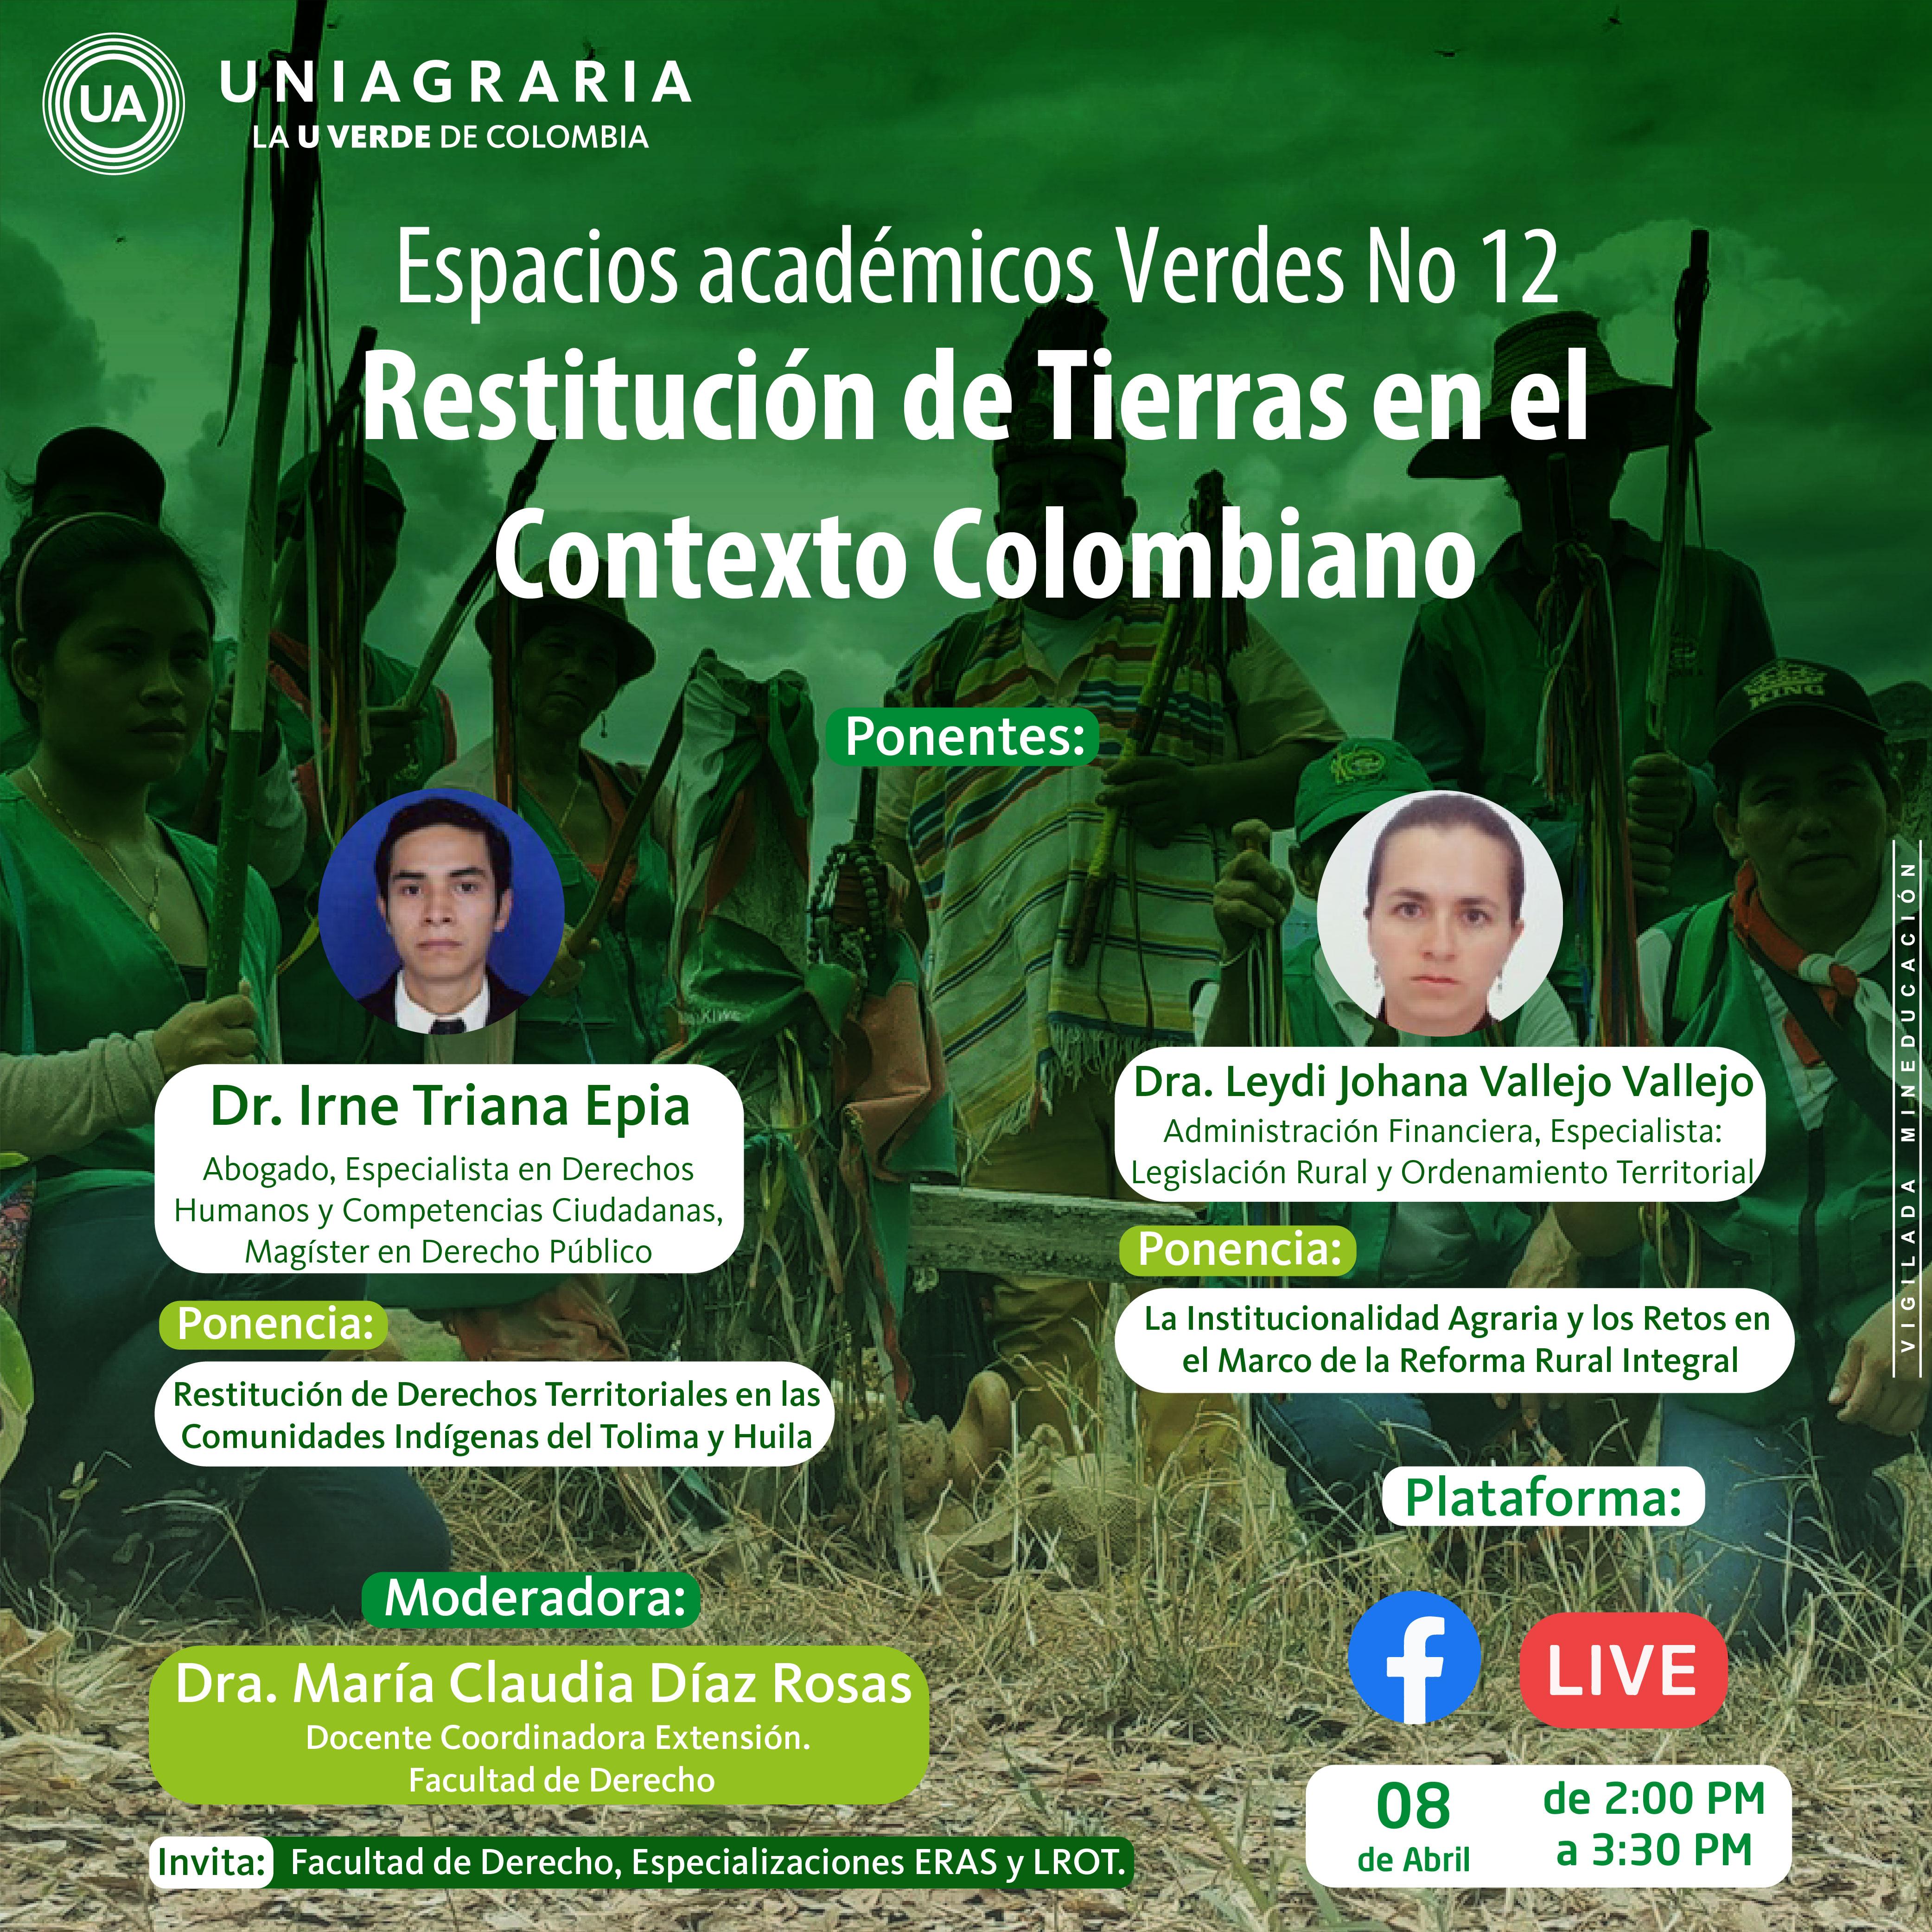 Restitución de Tierras en el Contexto Colombiano